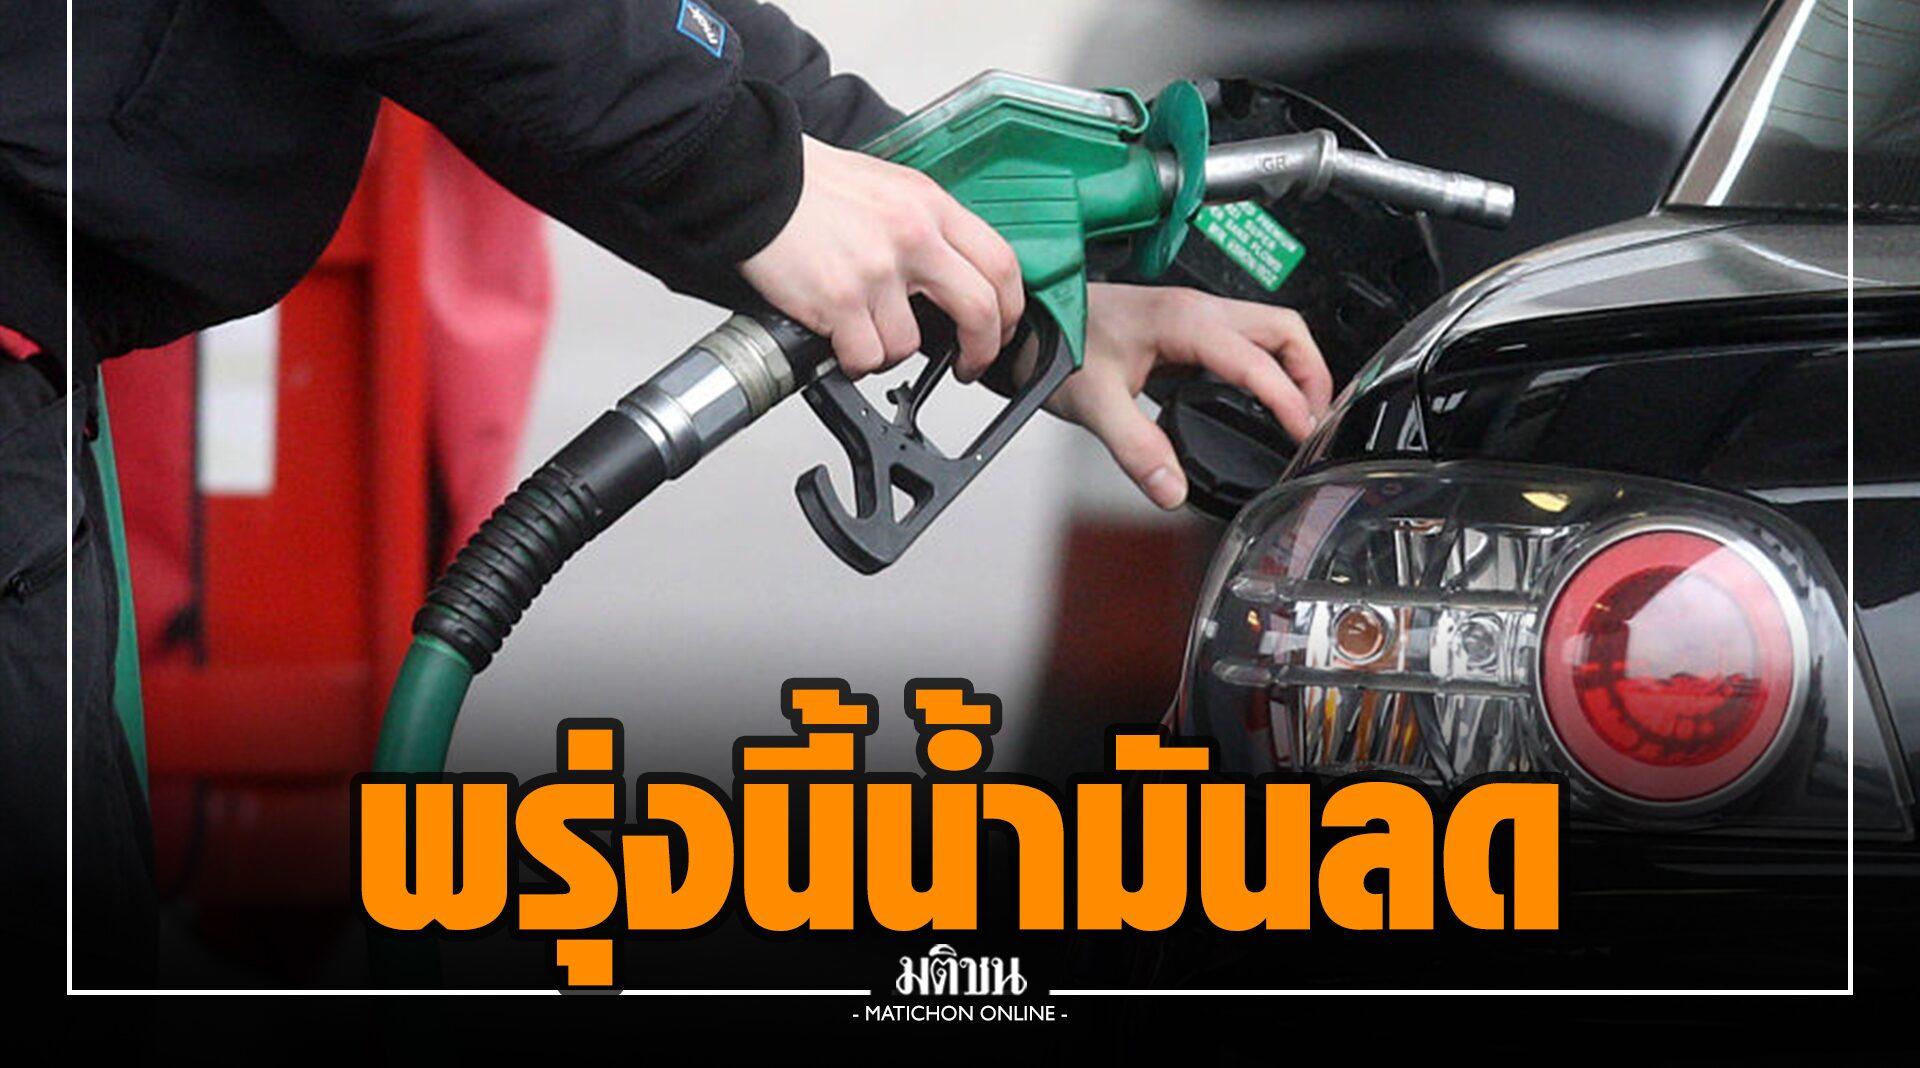 ไม่ต้องรีบ! พรุ่งนี้น้ำมันทุกชนิดลง 40 สต. เว้น E85 ลง 20 สต. ดีเซล ลง 30 สต.